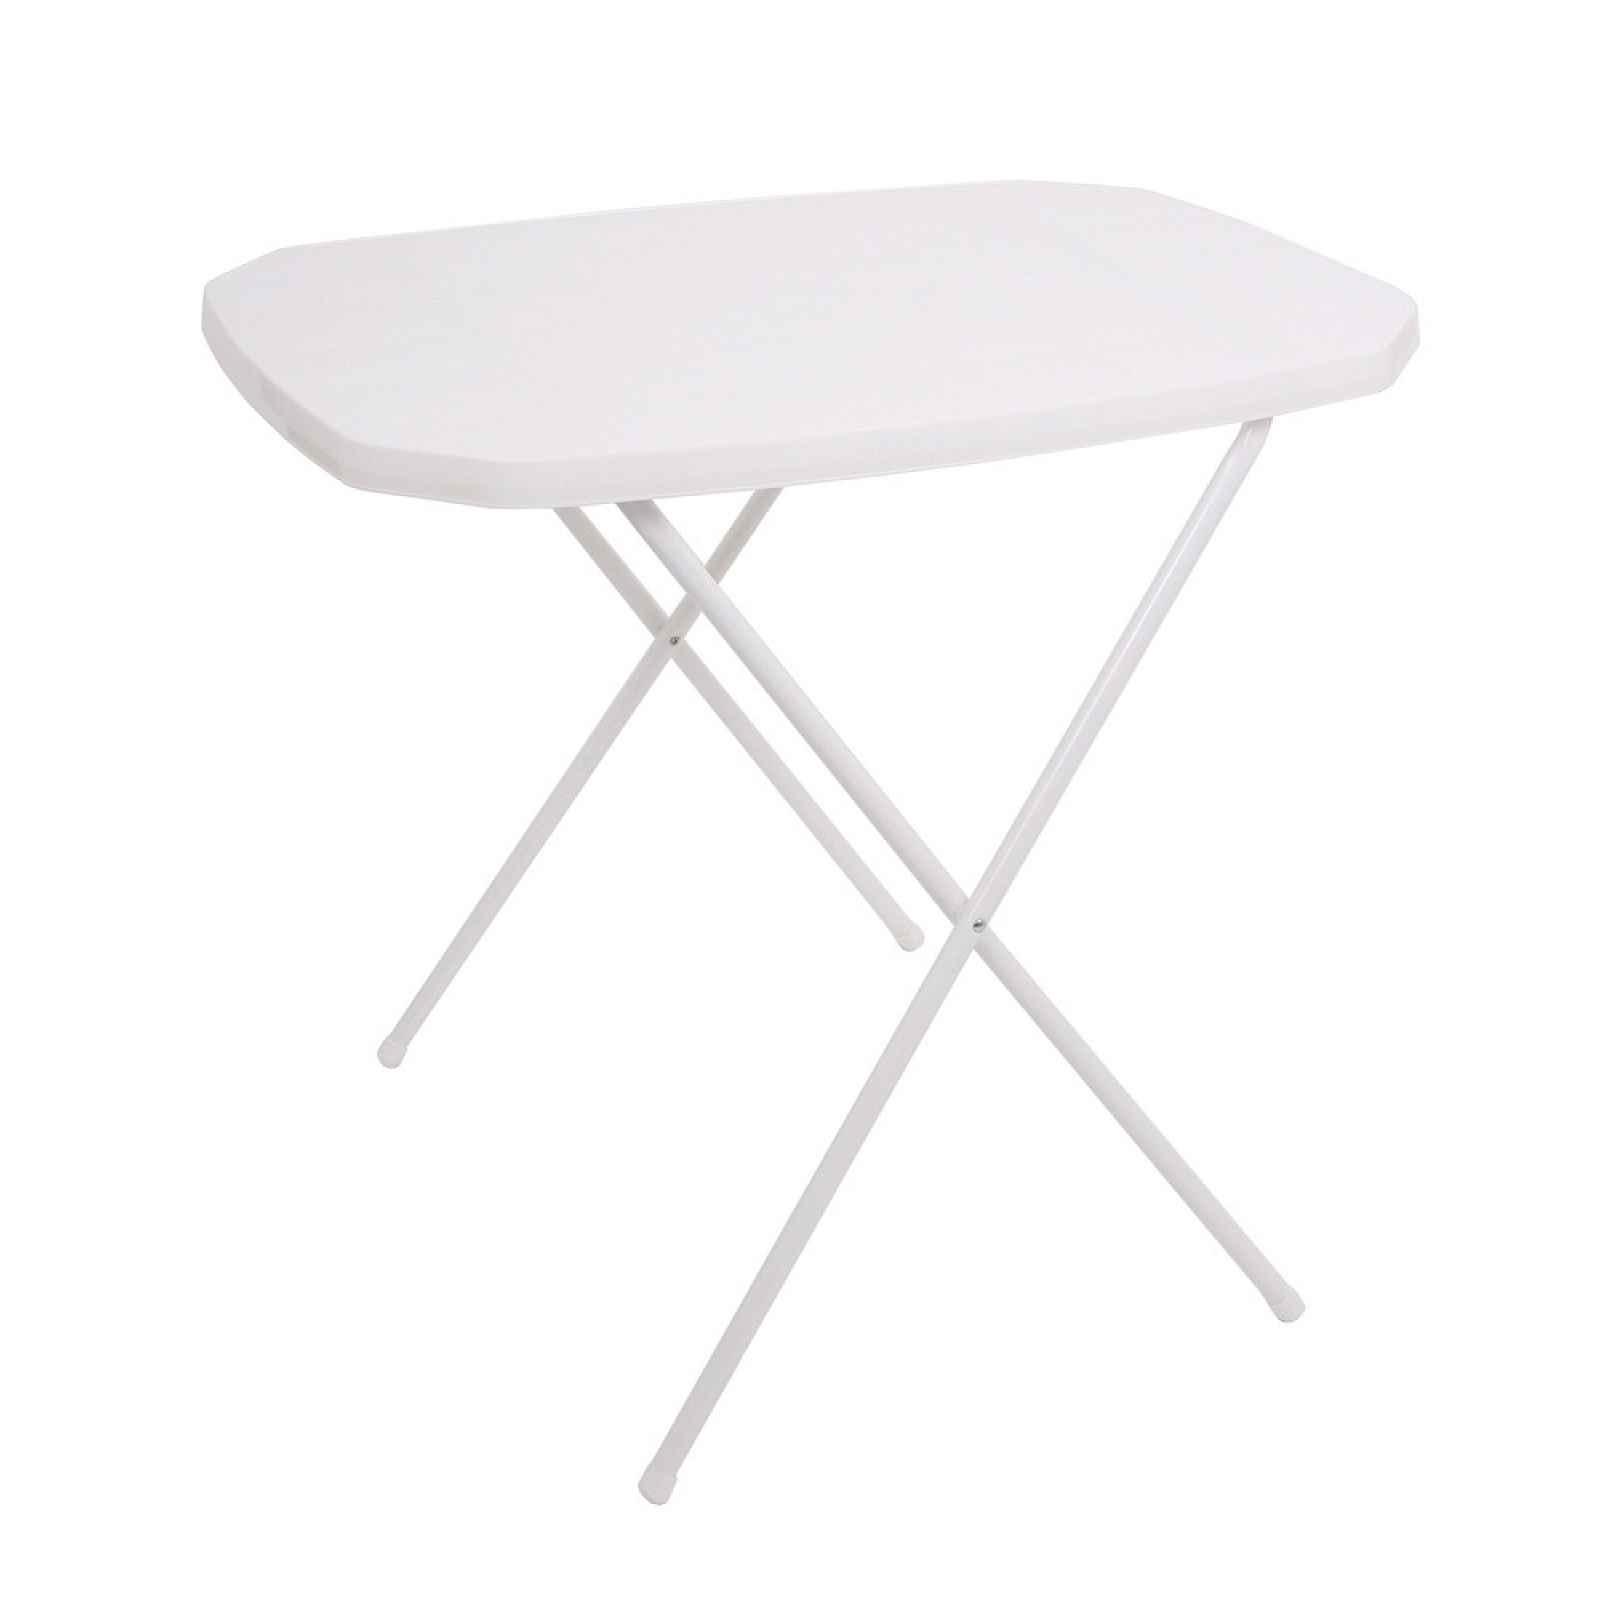 Stůl CAMPING 53x70 - bílý Dajar